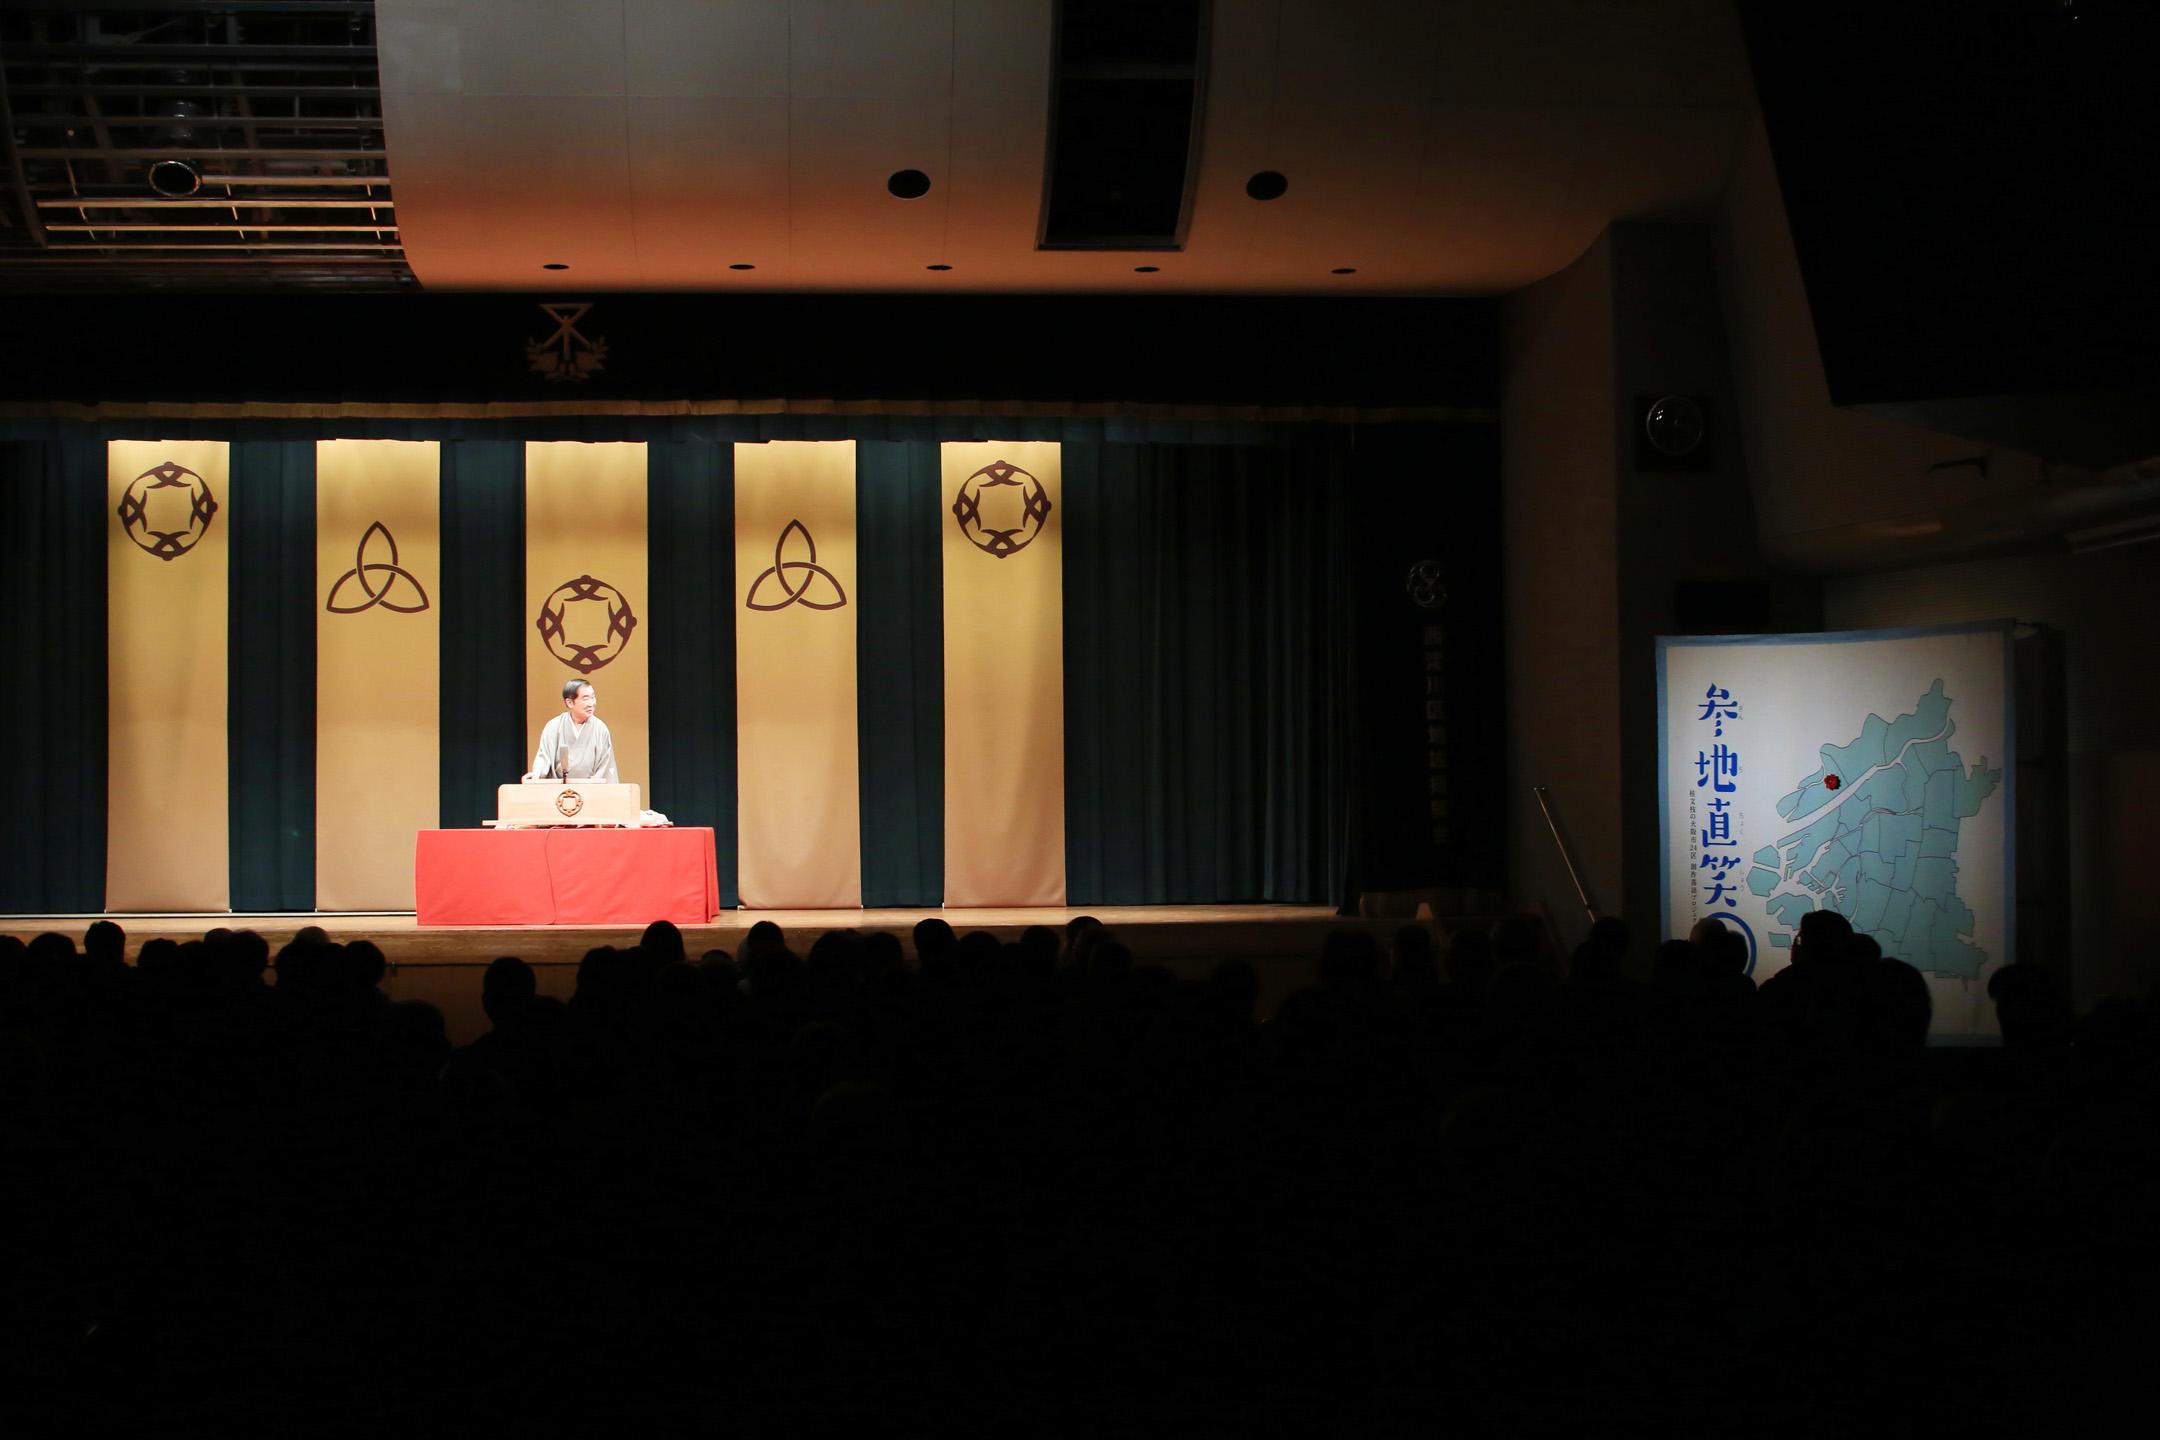 http://news.yoshimoto.co.jp/20190130181644-8ca634c5b25e38fe9afe3f4e811943724e822227.jpg